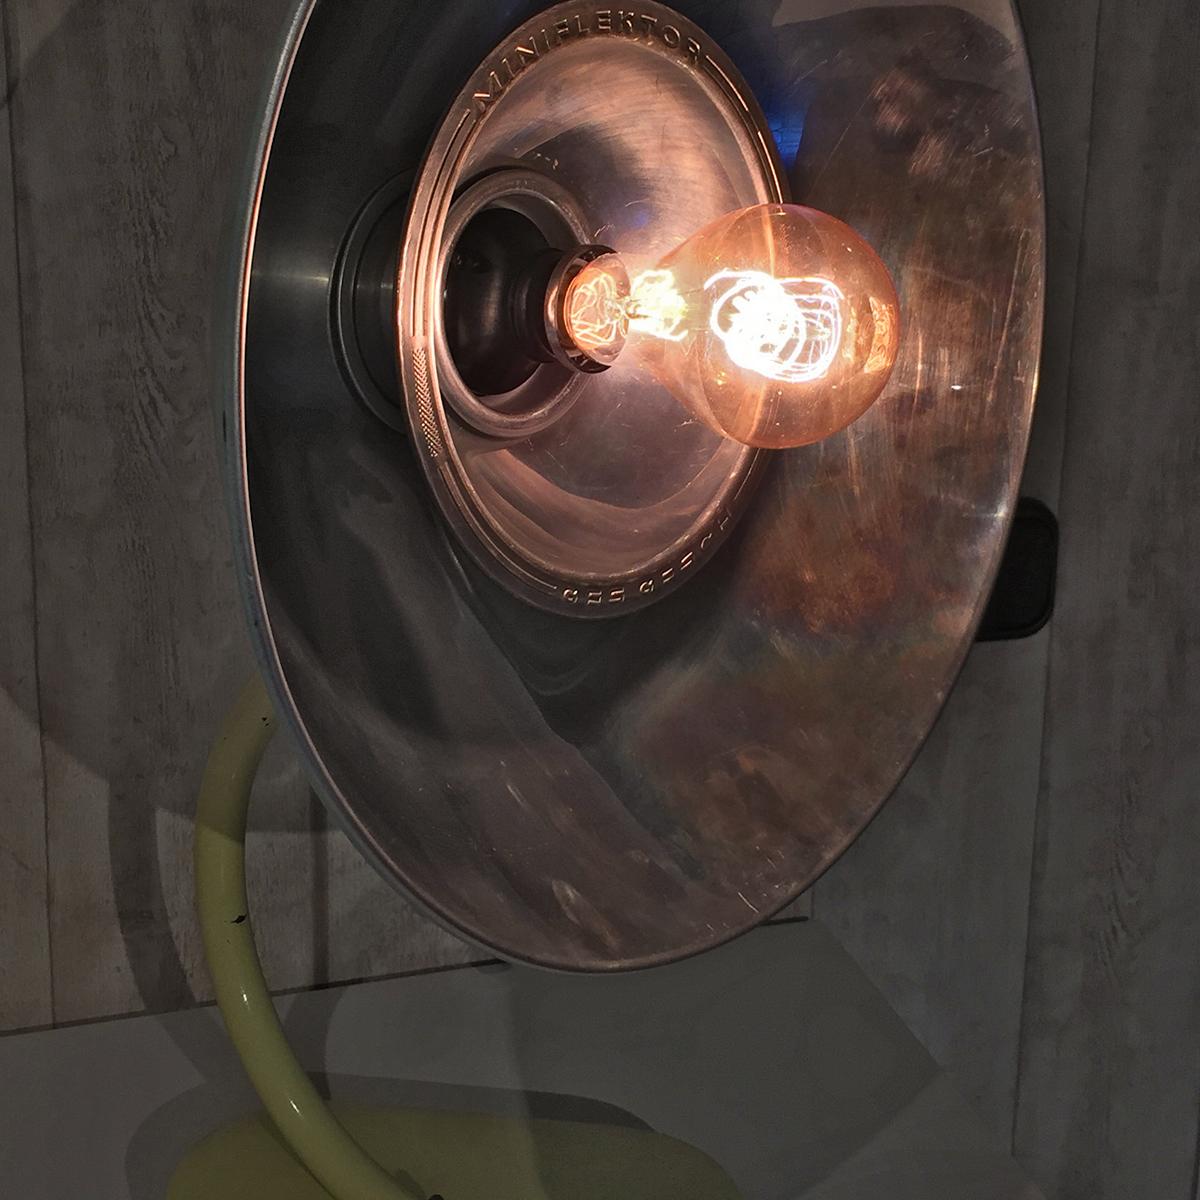 Höhensonne aus den 50er-Jahren umfunktioniert zur Lampe